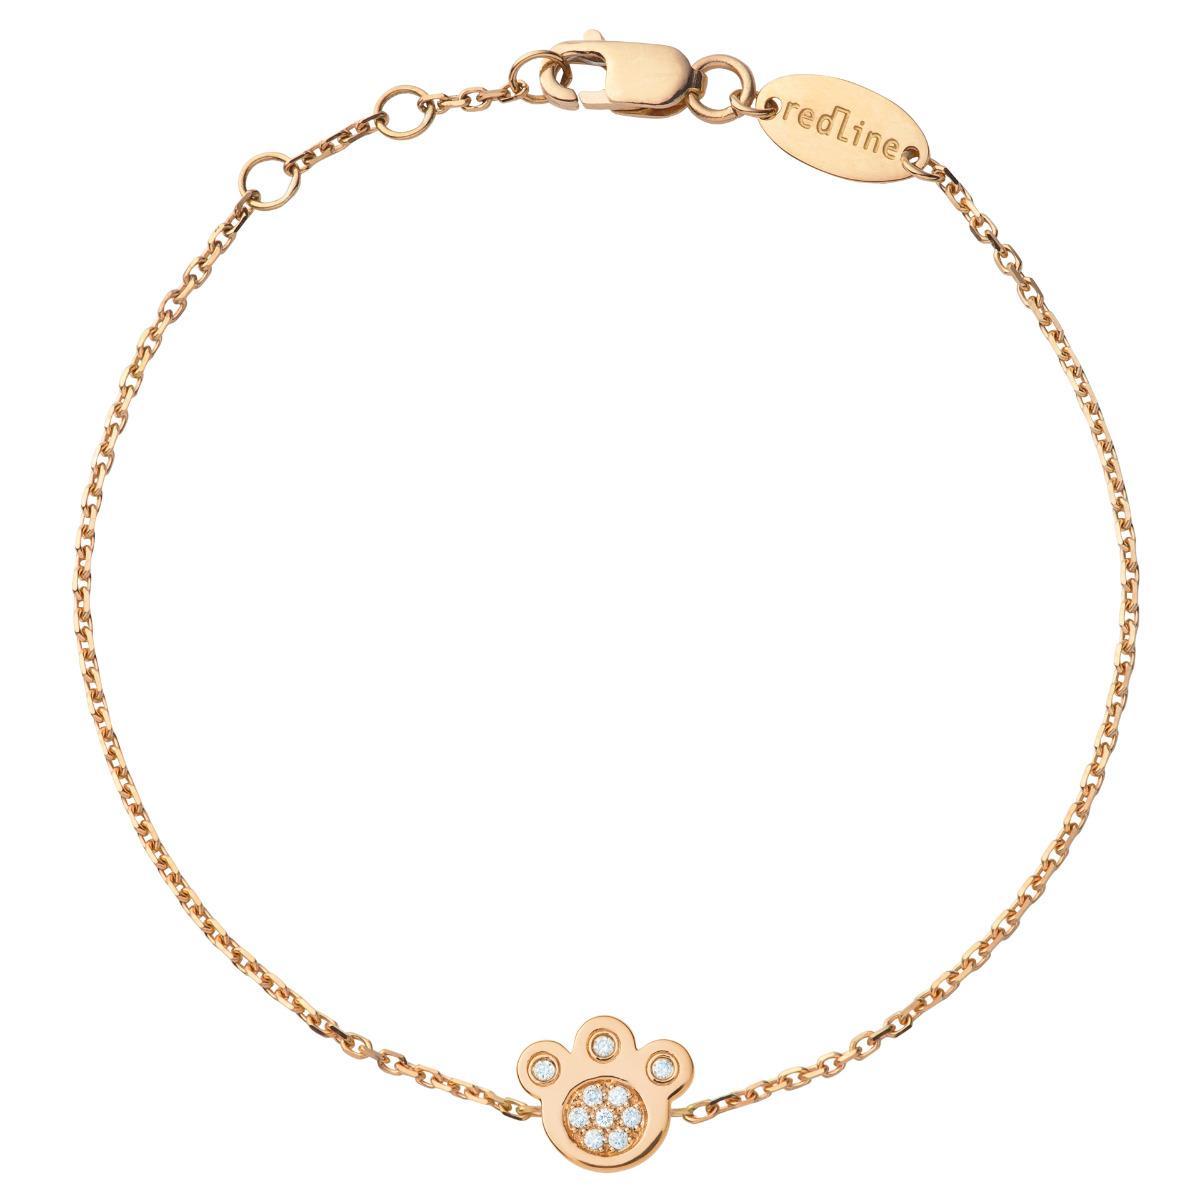 bracelet-fil-diamant-miaou-pave-chaine-or